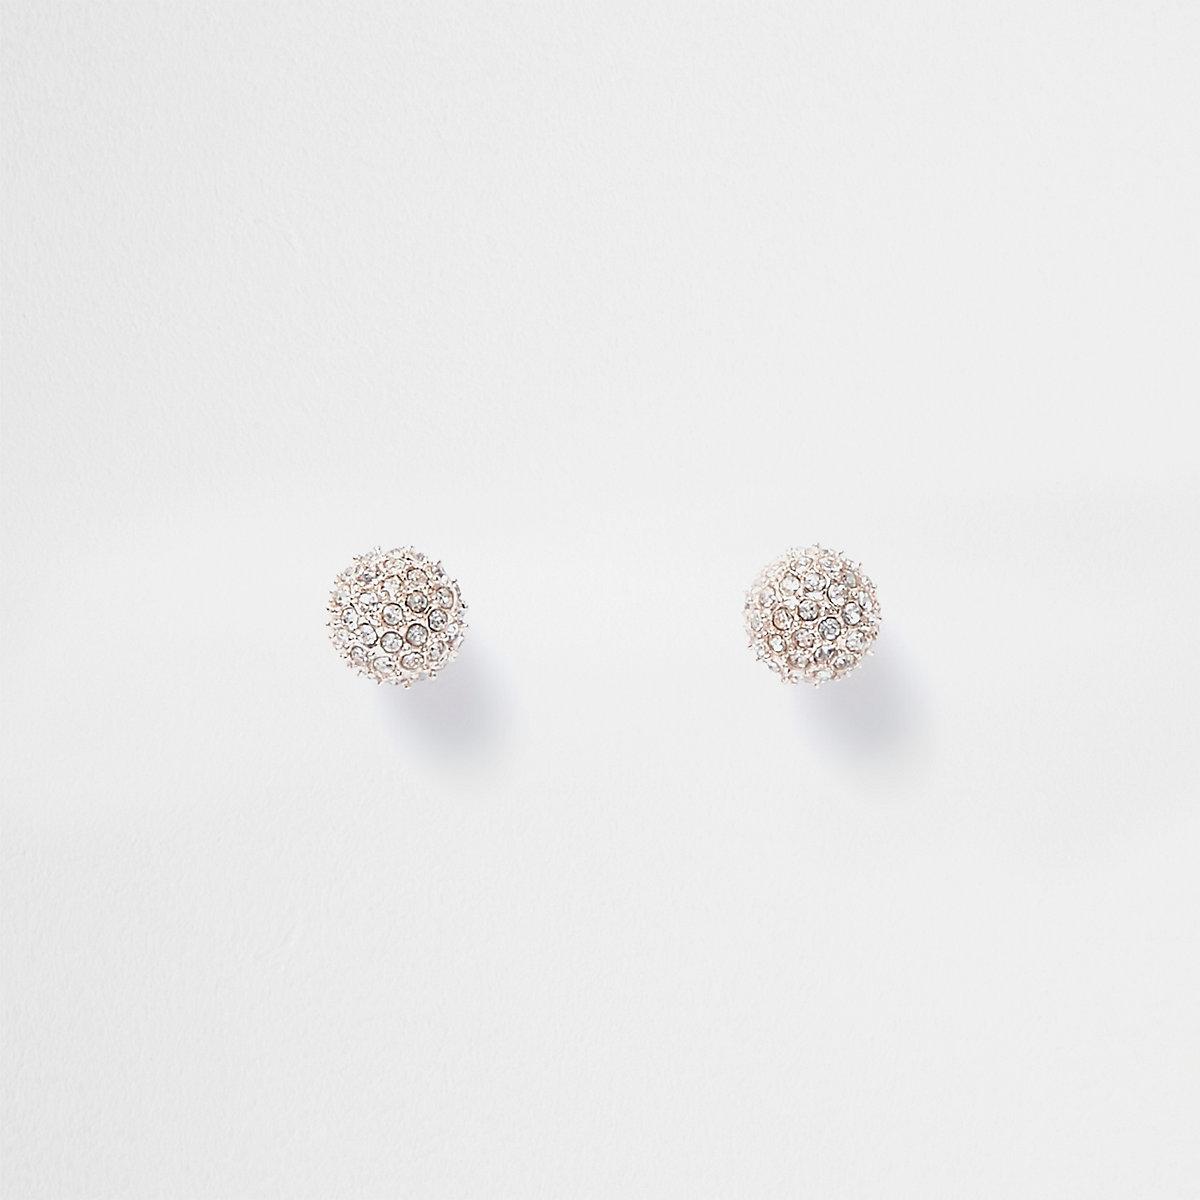 Rose gold tone rhinestone ball stud earrings